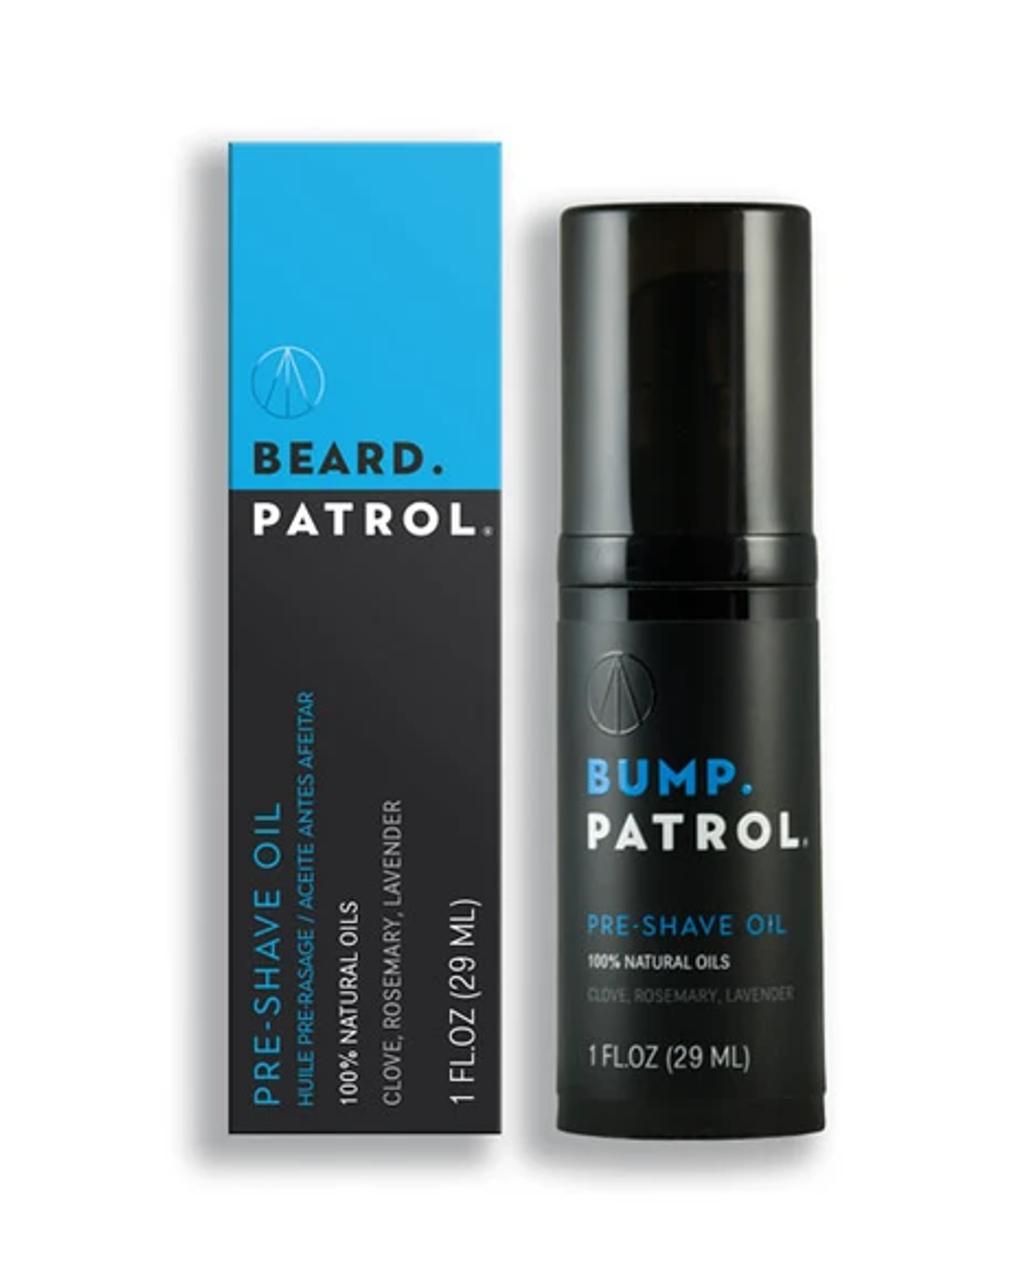 Bump Patrol Pre-Shave Oil